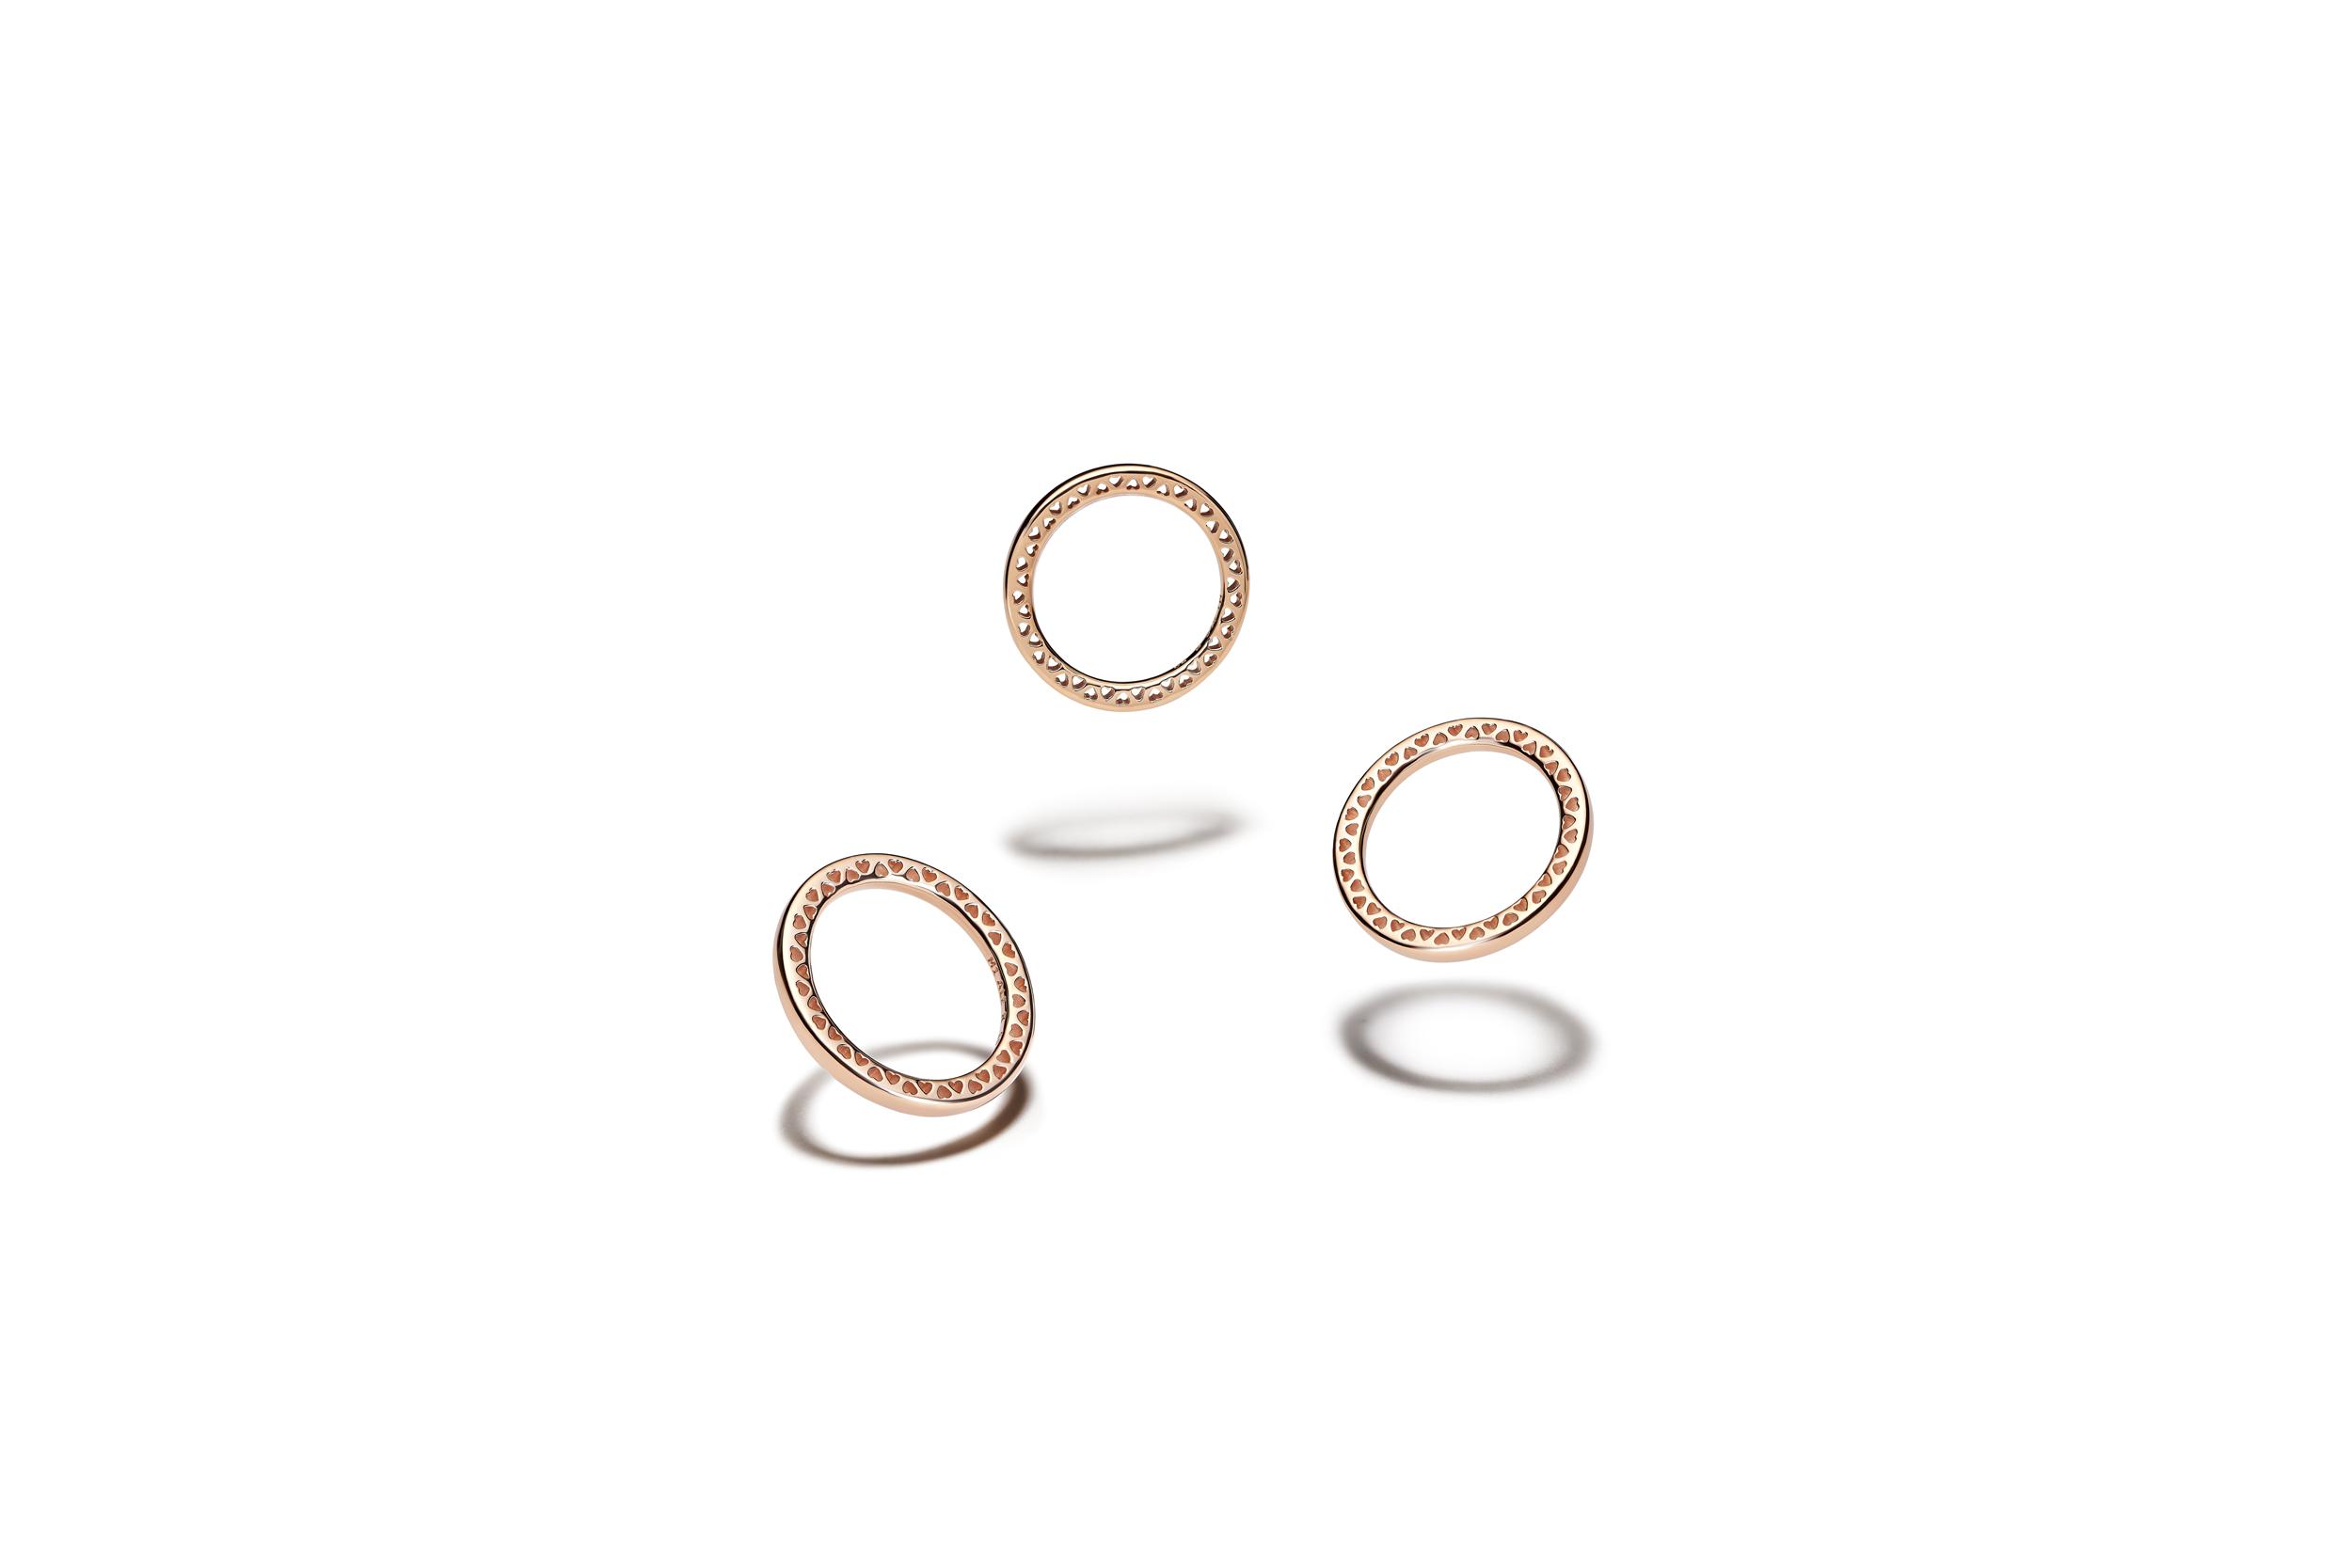 3_Rings_Low.jpg